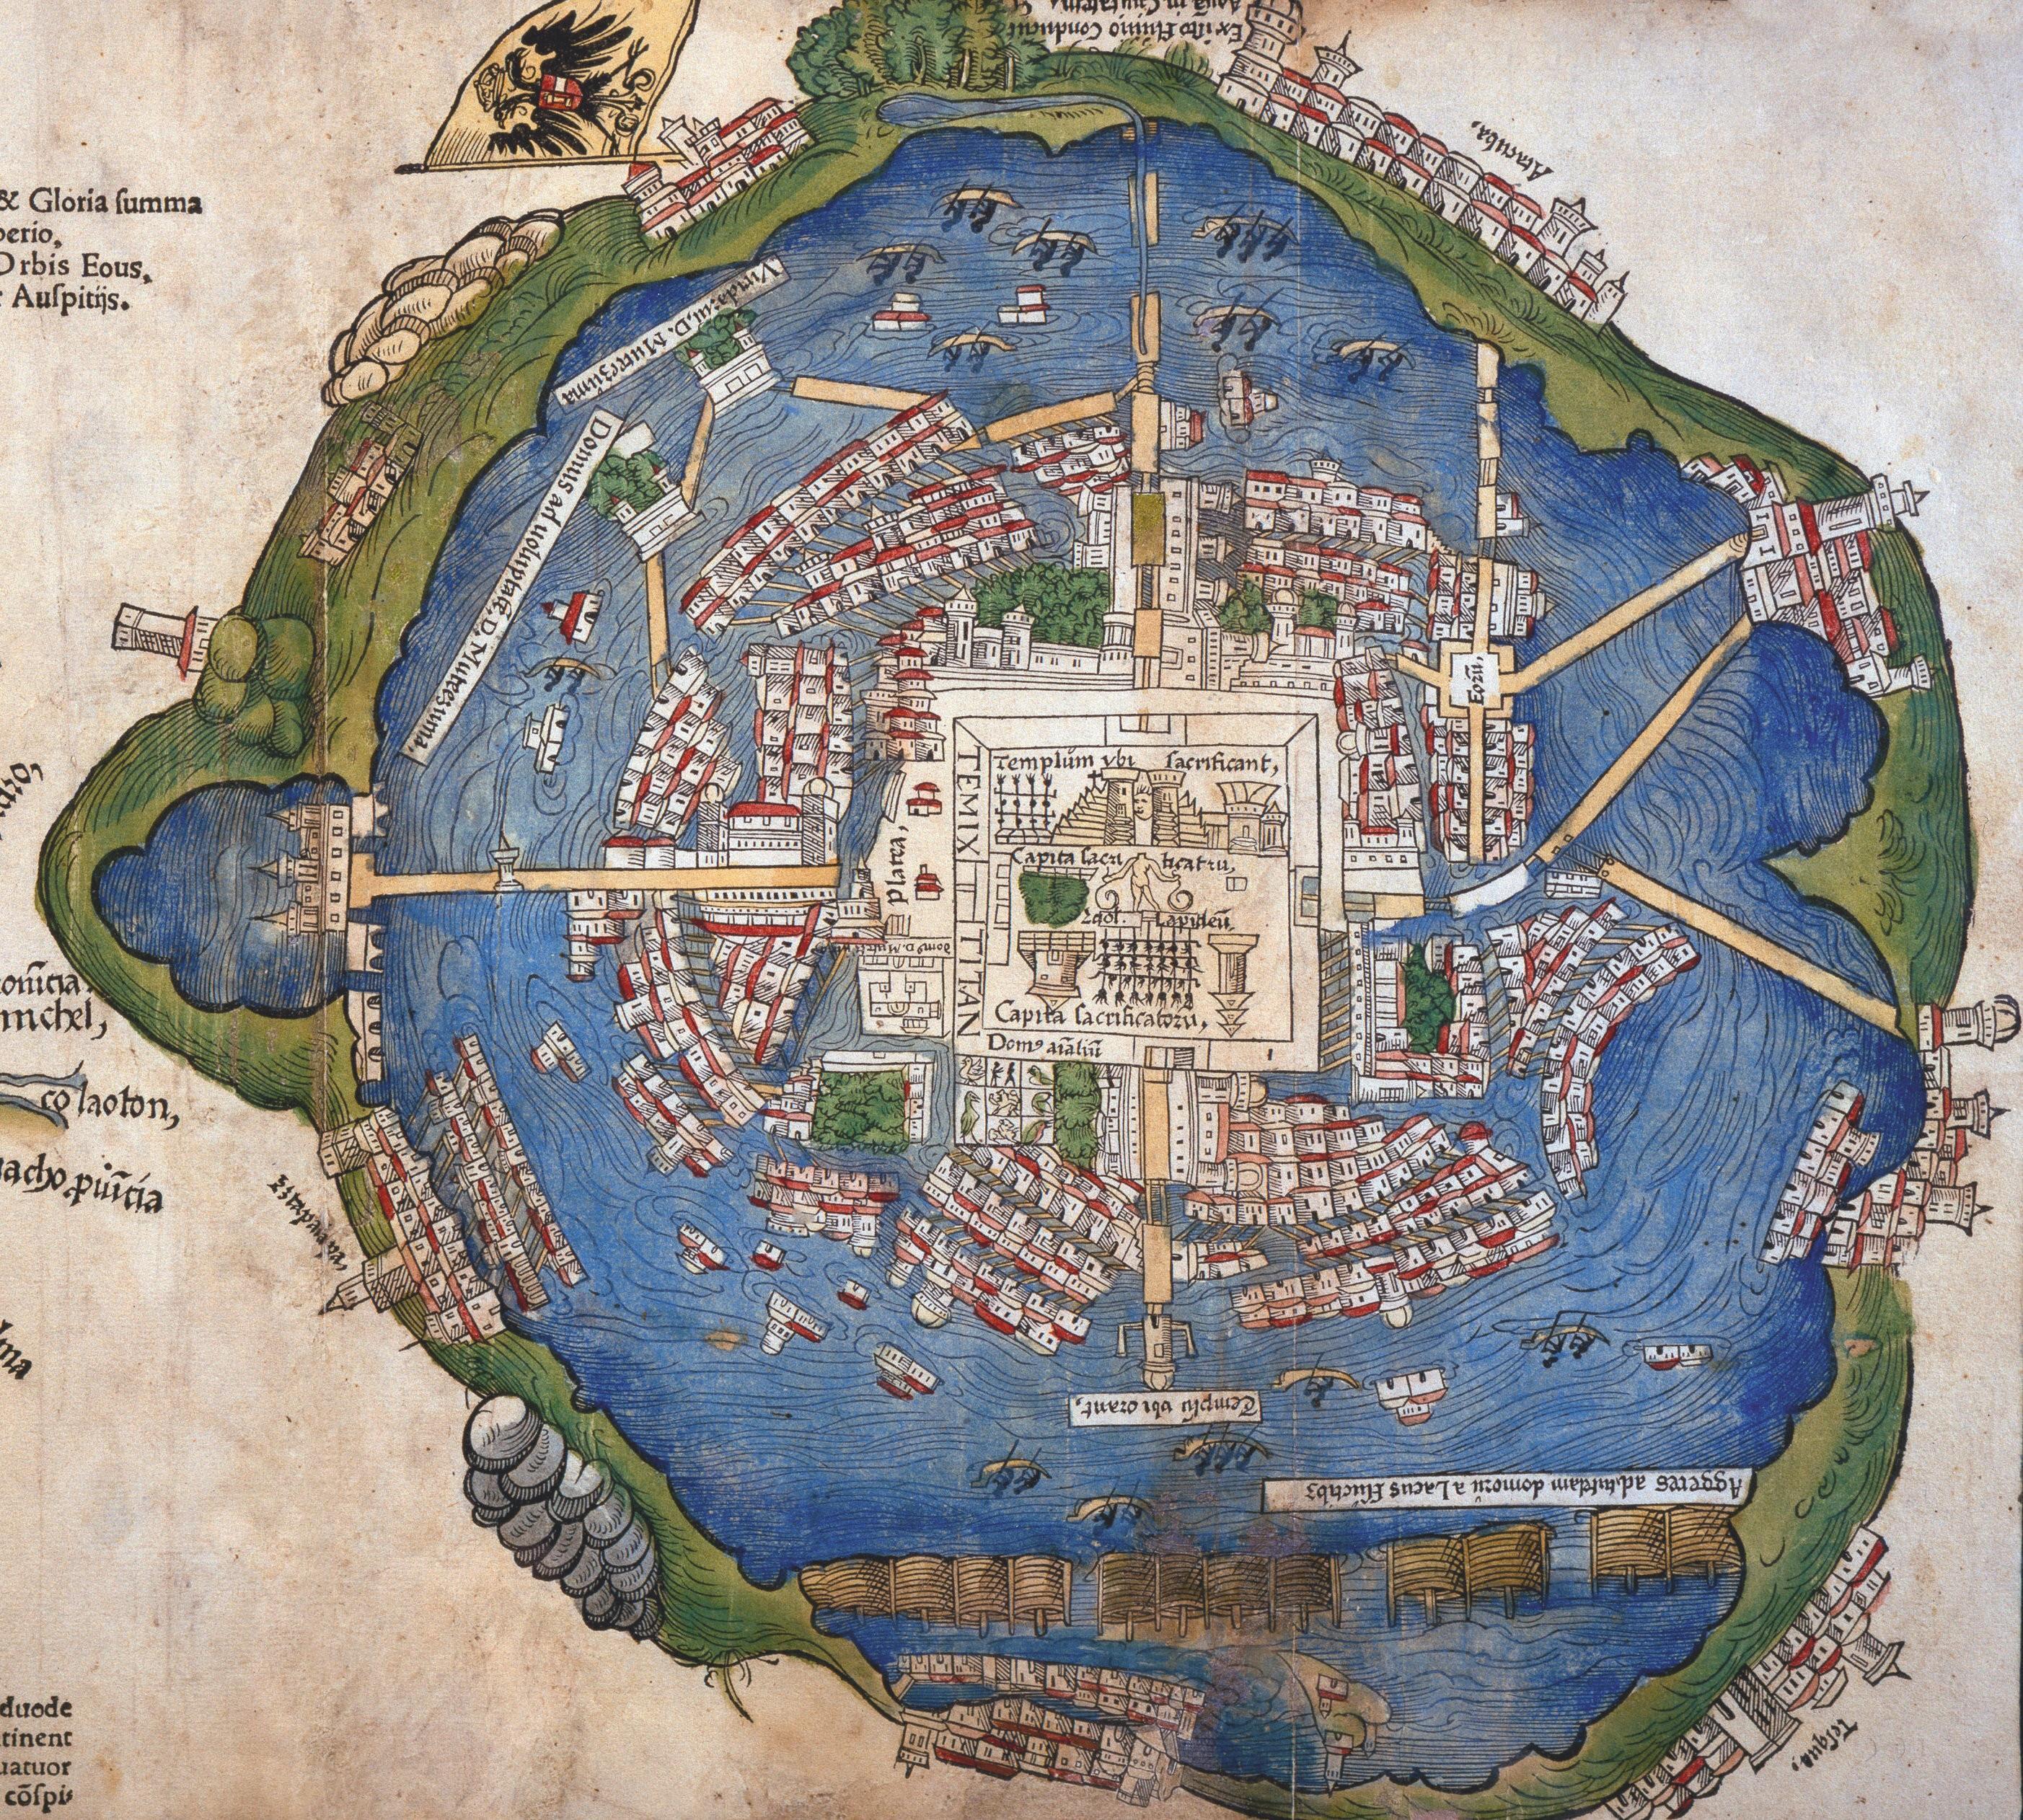 Plan de Tenochtitlan, 1524, gravure colorée à la main (détail), d'après la carte envoyée par Cortès à Charles Quint, imprimée à Nuremberg